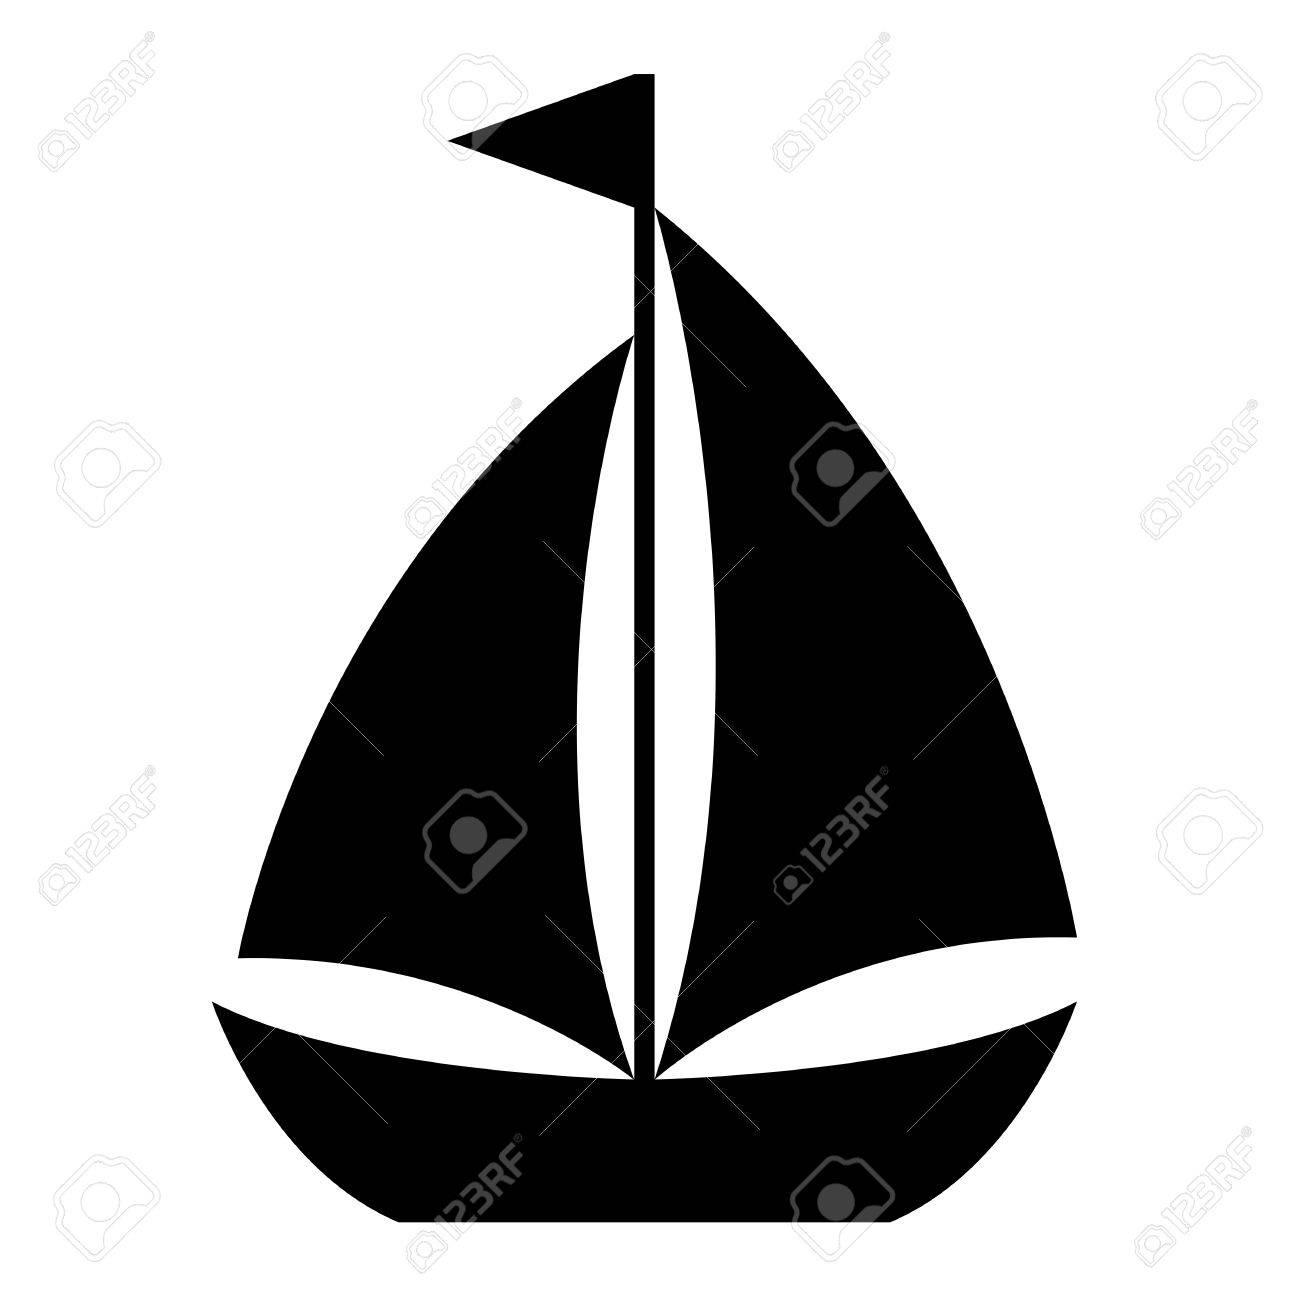 Simple Velero De Dibujos Animados Icono De Un Pequeño Velero Con Dos Velas De Bandera En El Mástil En La Vista Lateral Elemento De Diseño En Blanco